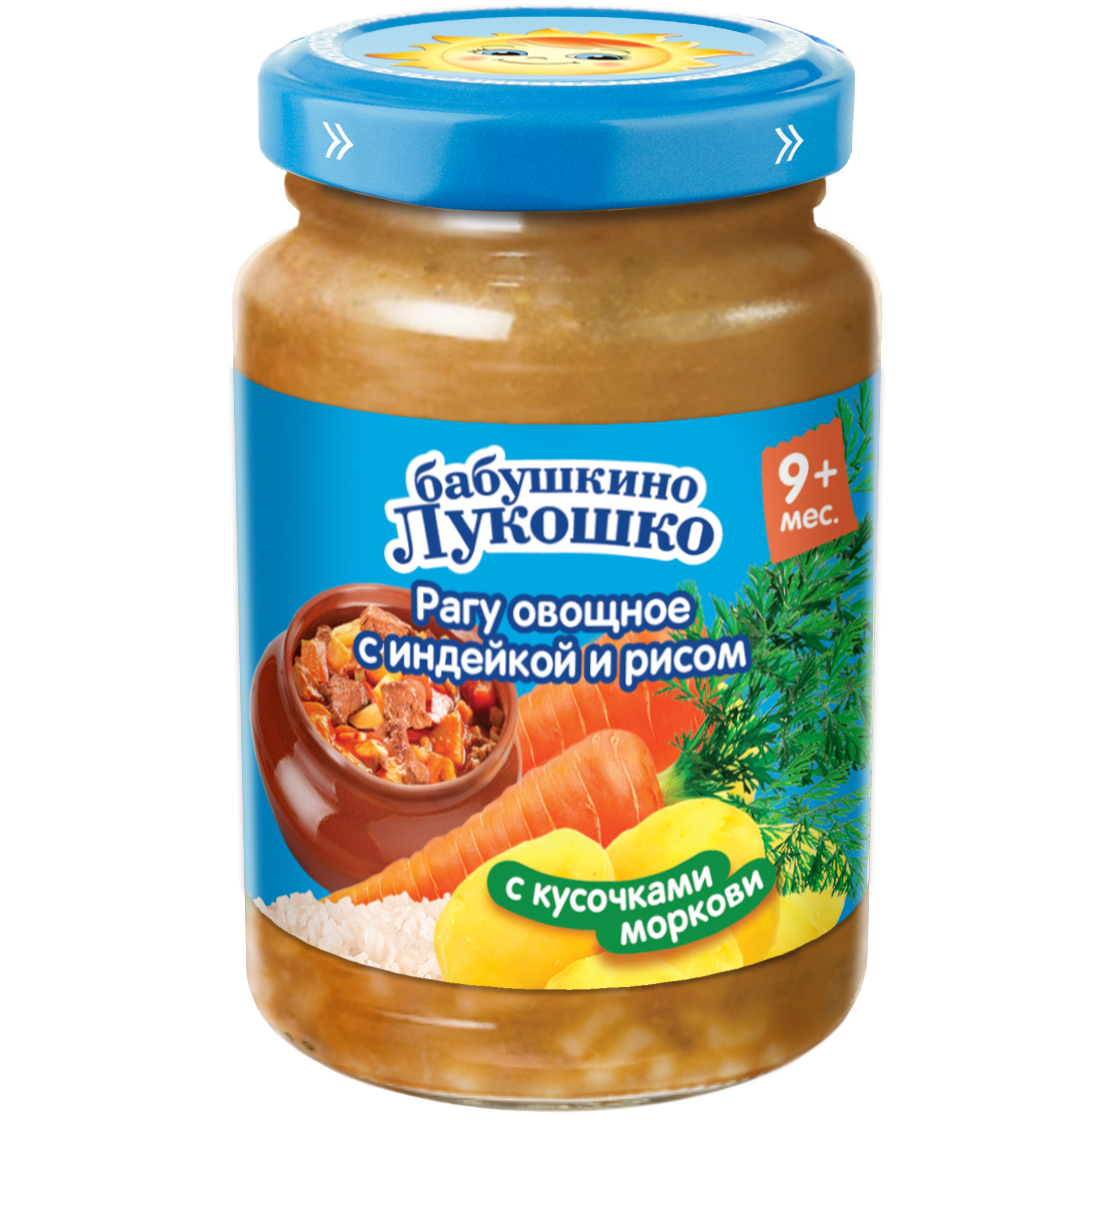 Пюре Бабушкино лукошко Рагу овощное с индейкой и рисом с 9 мес. 190 г semper пюре рагу овощное с сёмгой и рисом с 9 месяцев 190 г